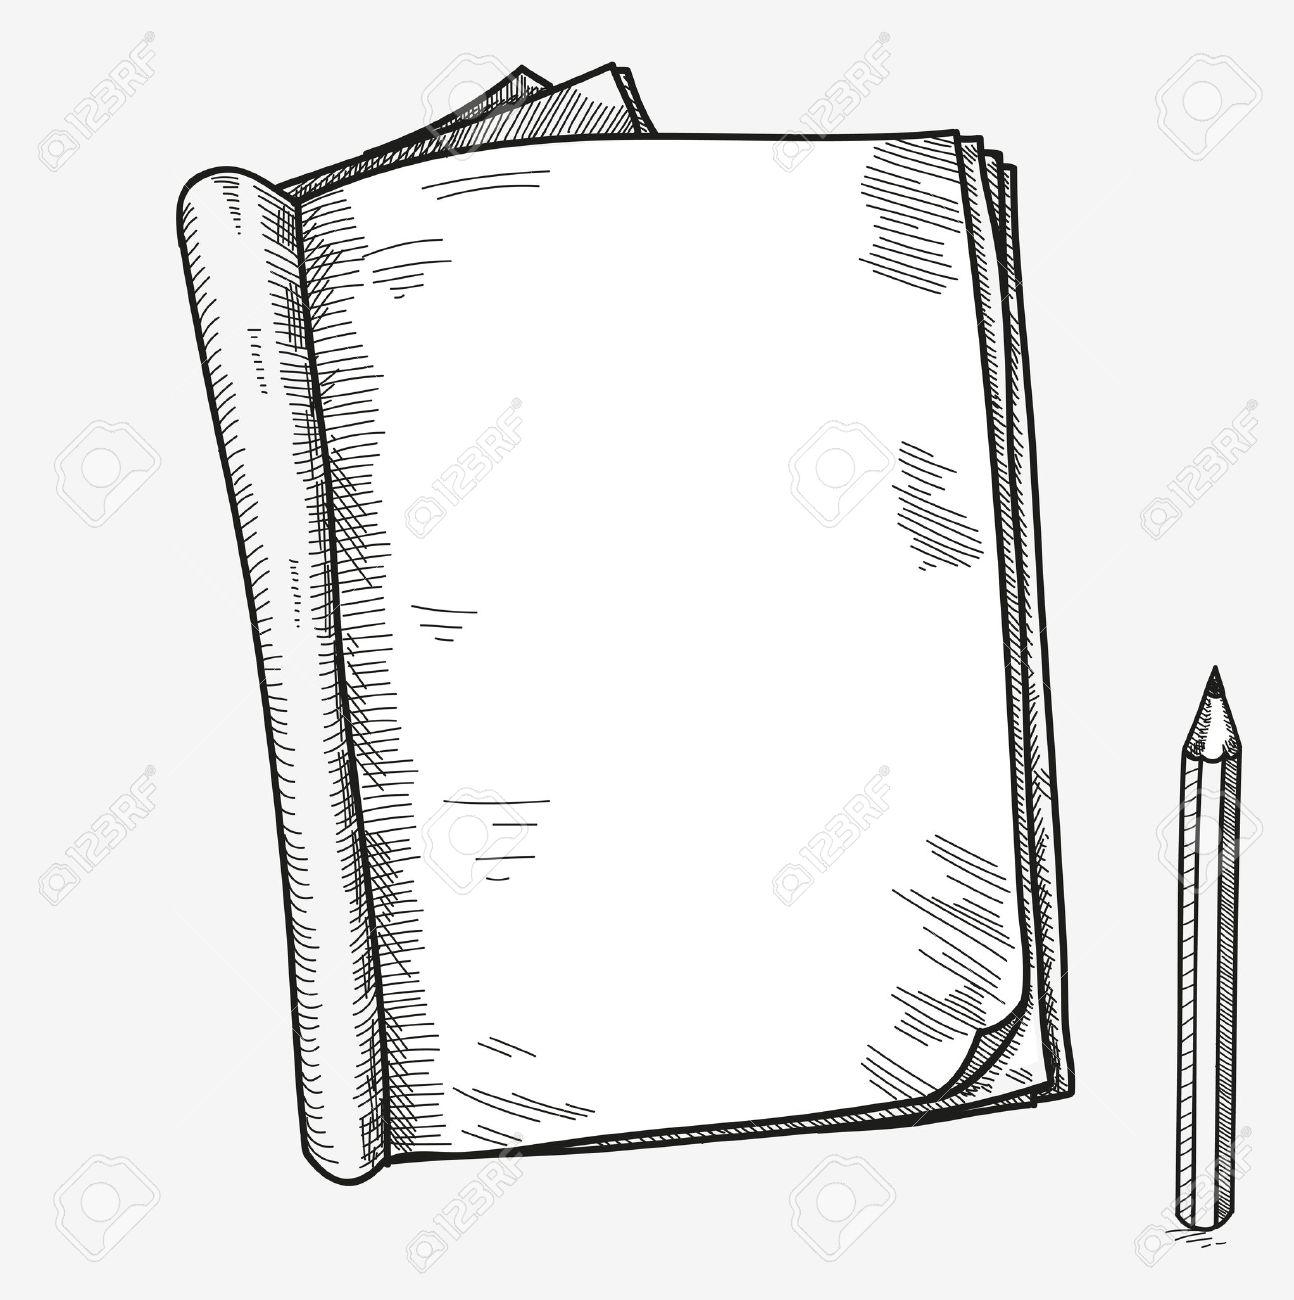 Hand Gezeichnet Doodle Skizze Offenen Notebook, Klare Seite, Vorlage ...